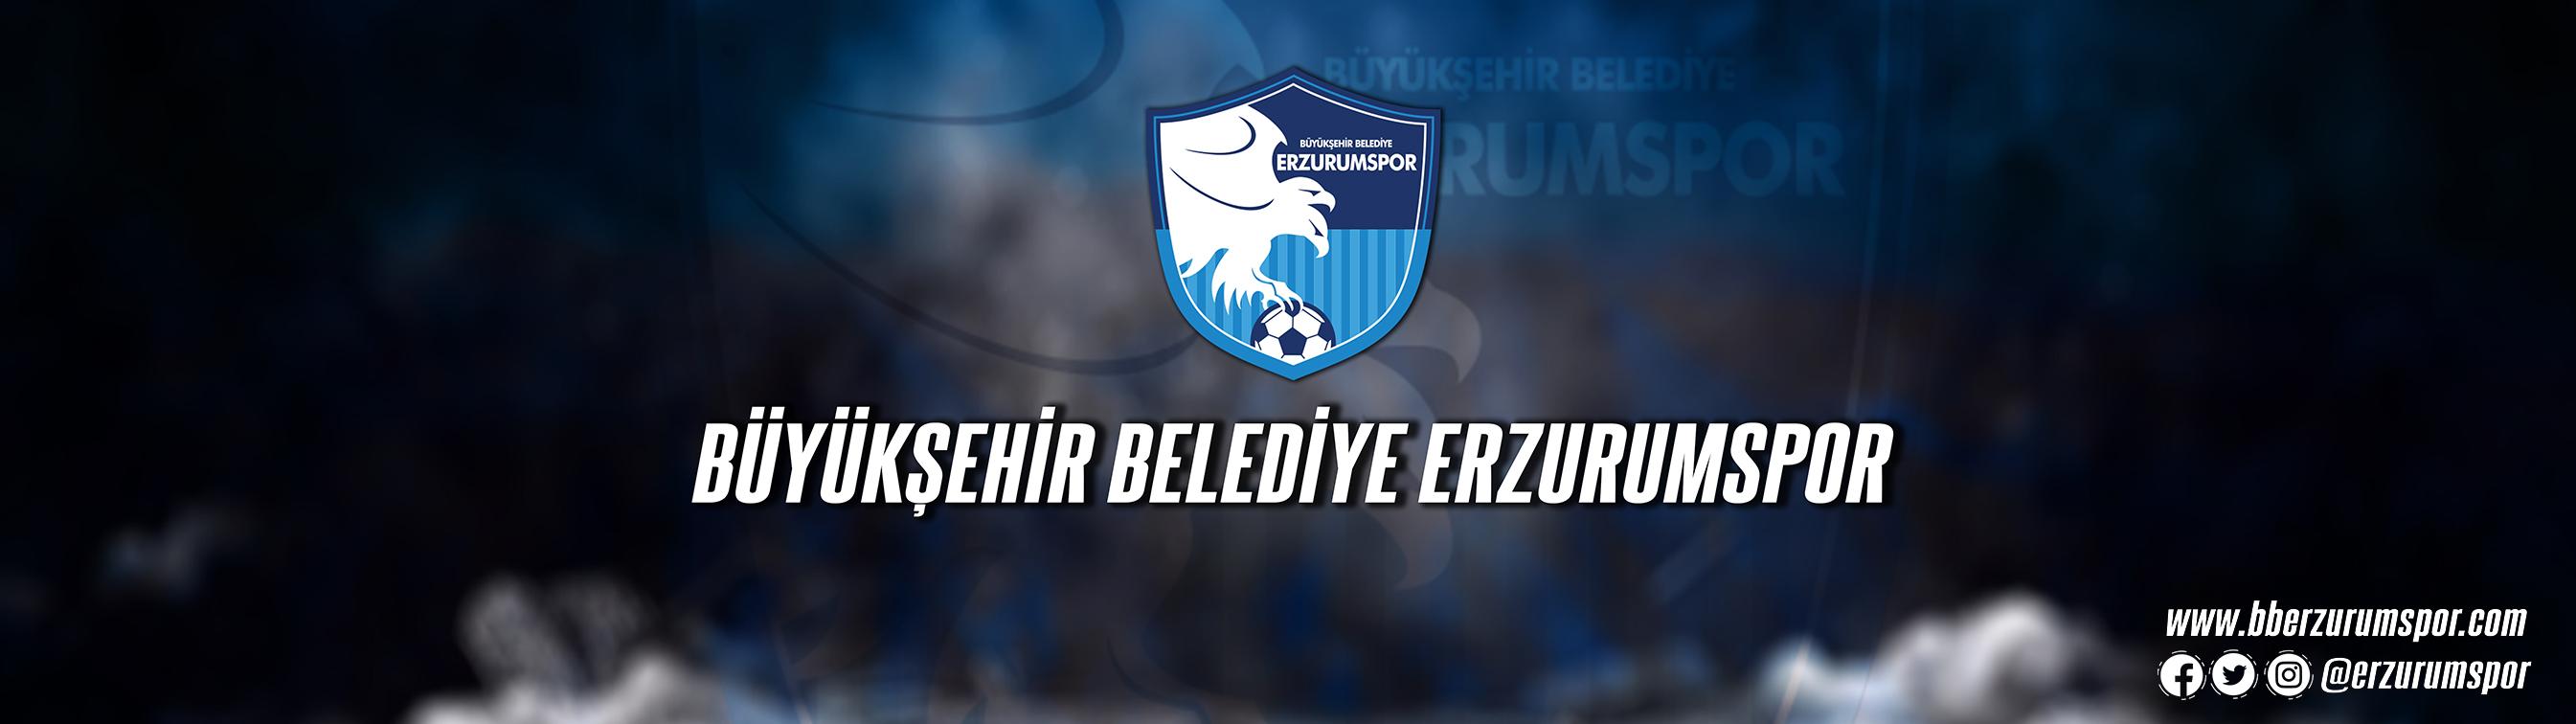 Büyükşehir Belediye Erzurumspor Kulübü Resmi Web Sitesi